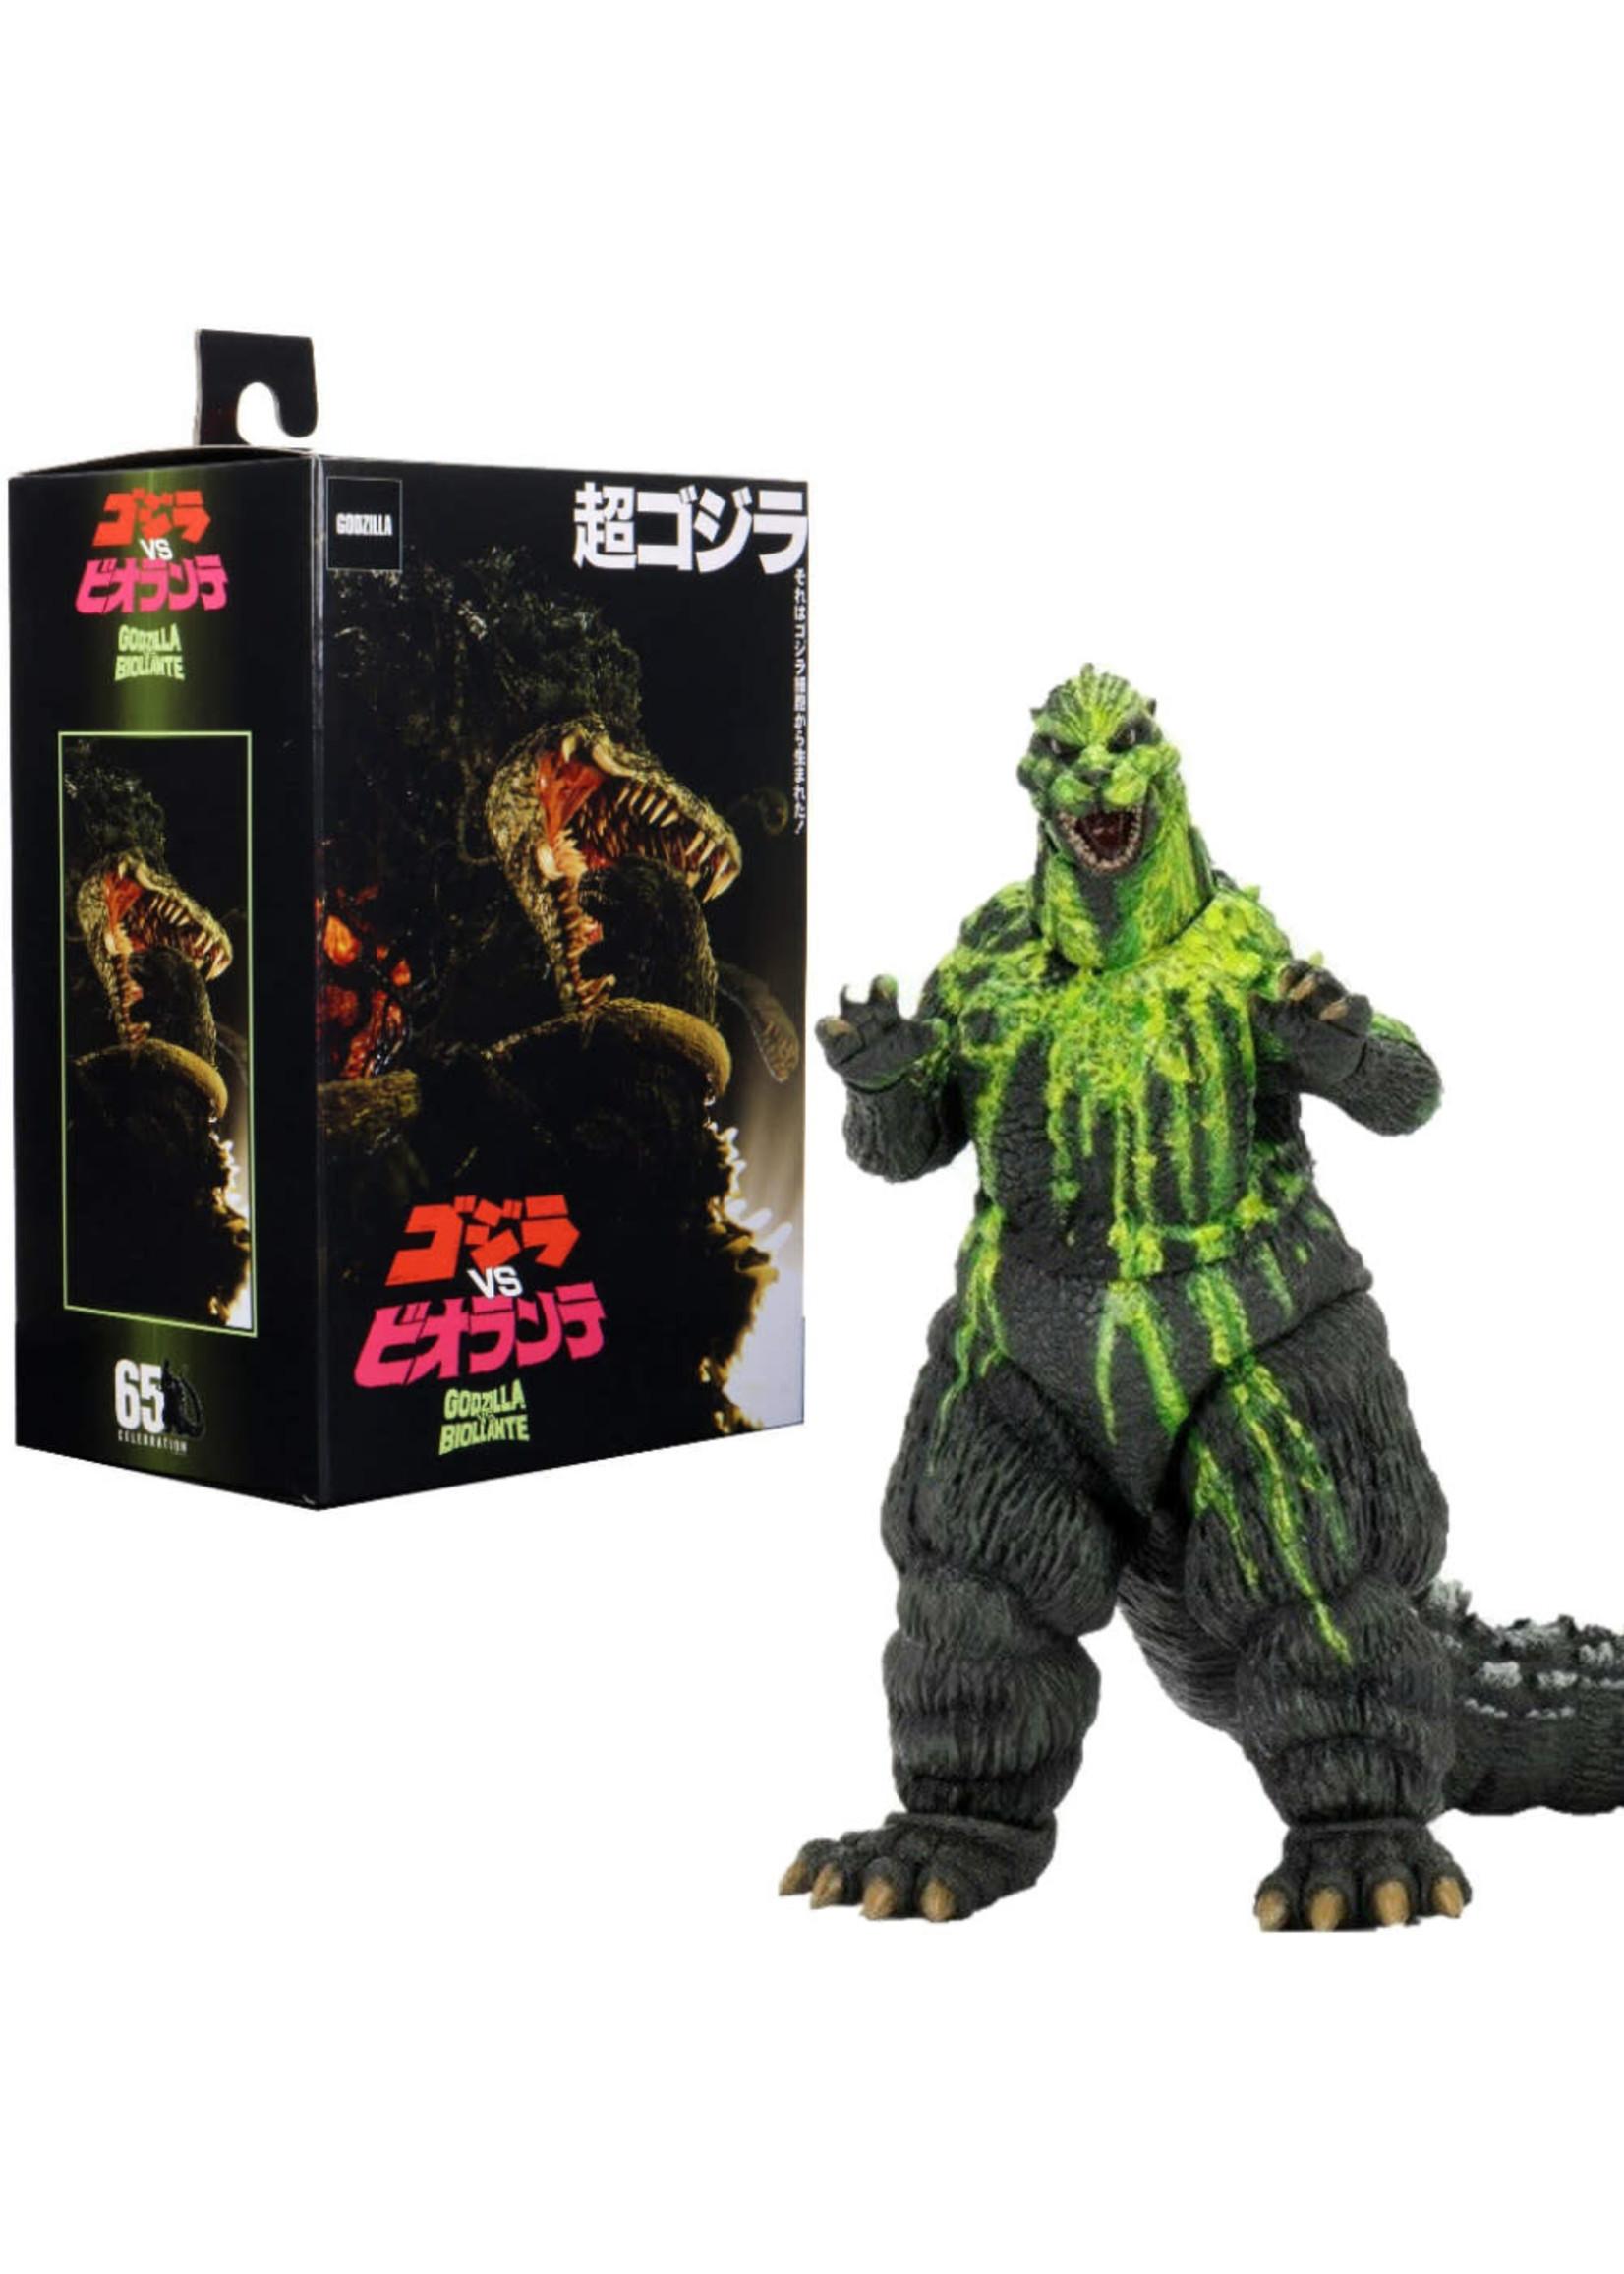 Neca Godzilla Vs Biollante Green bile